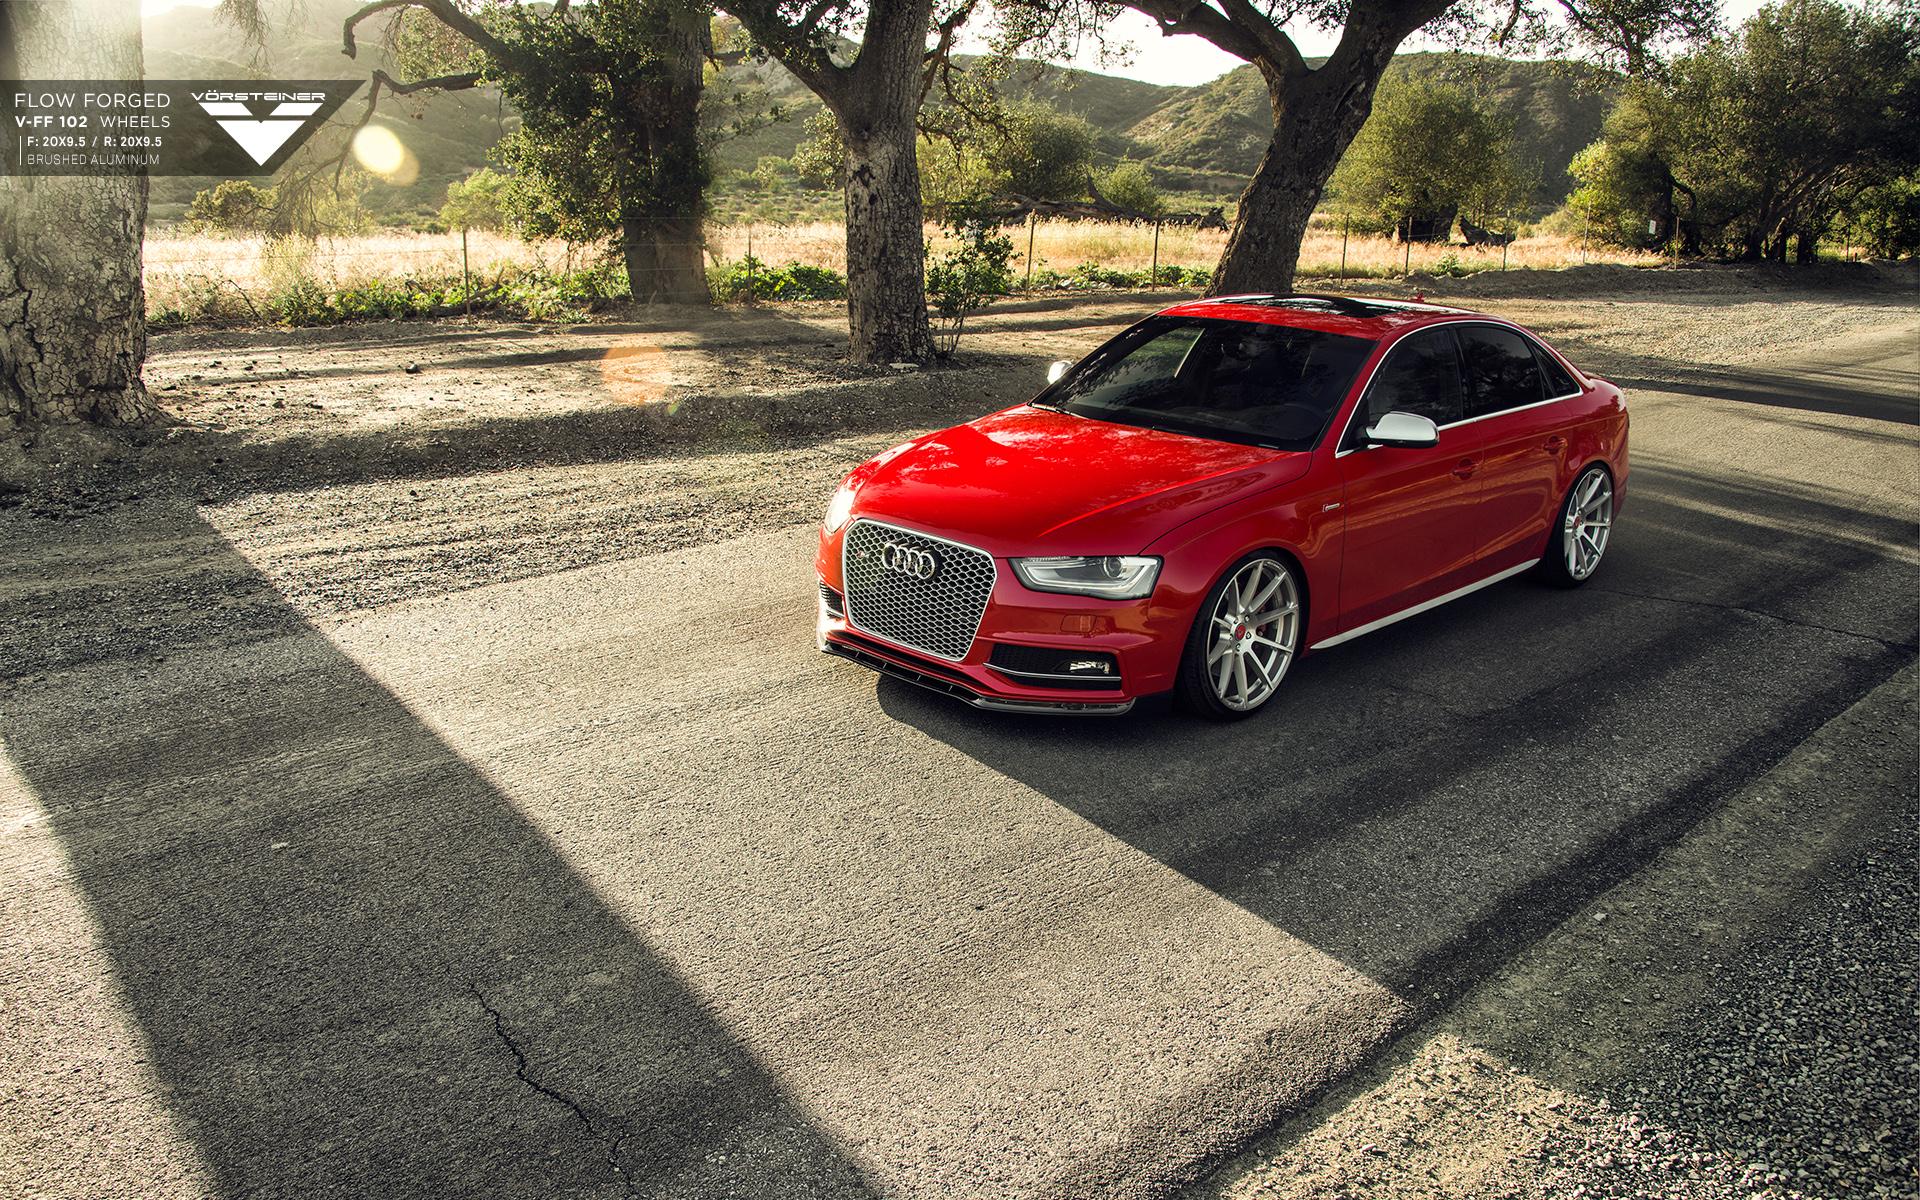 2015 Vorsteiner Red Audi S4